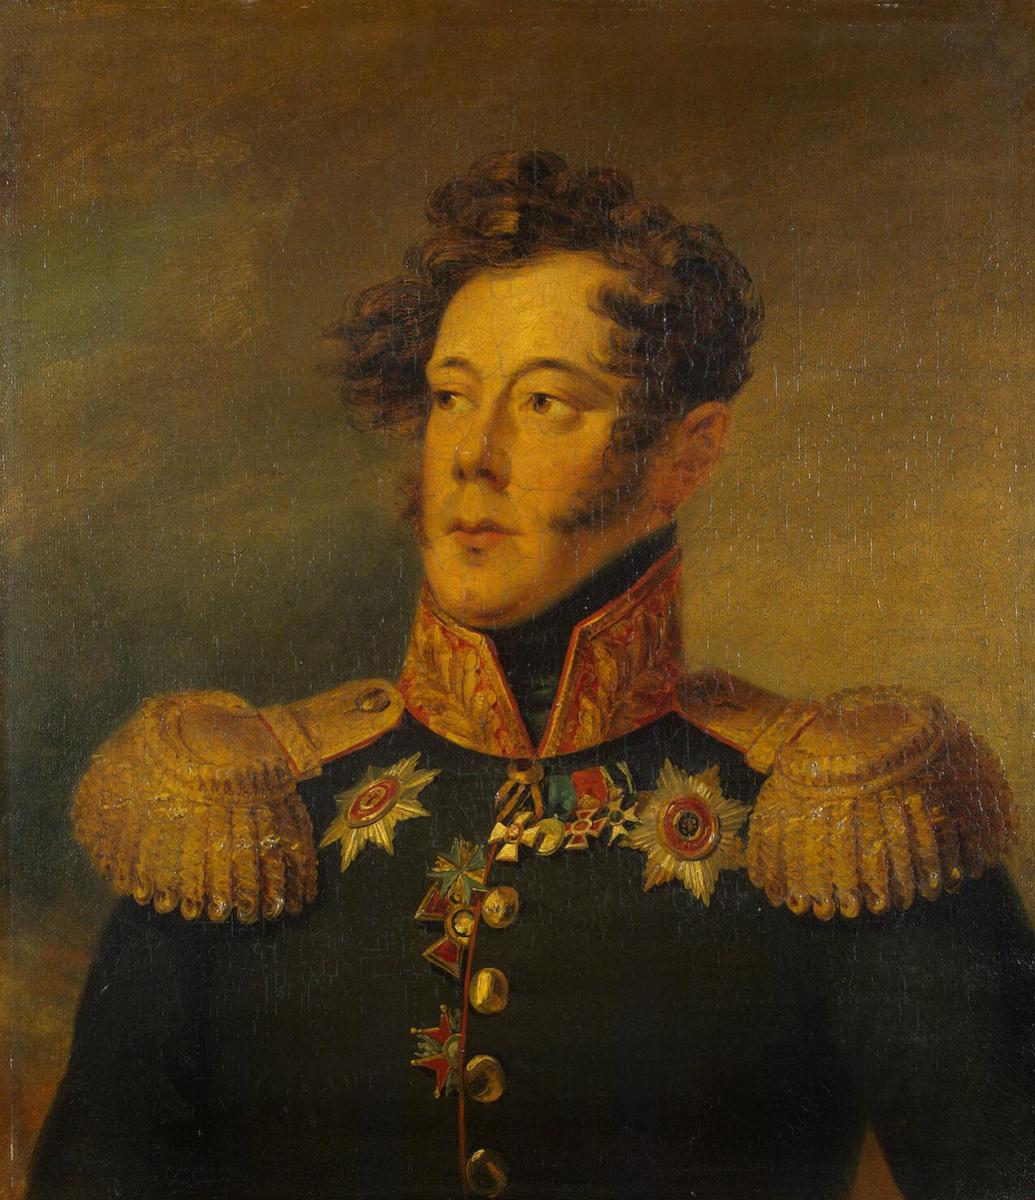 Джордж Доу. Портрет Александра Ивановича Альбрехта